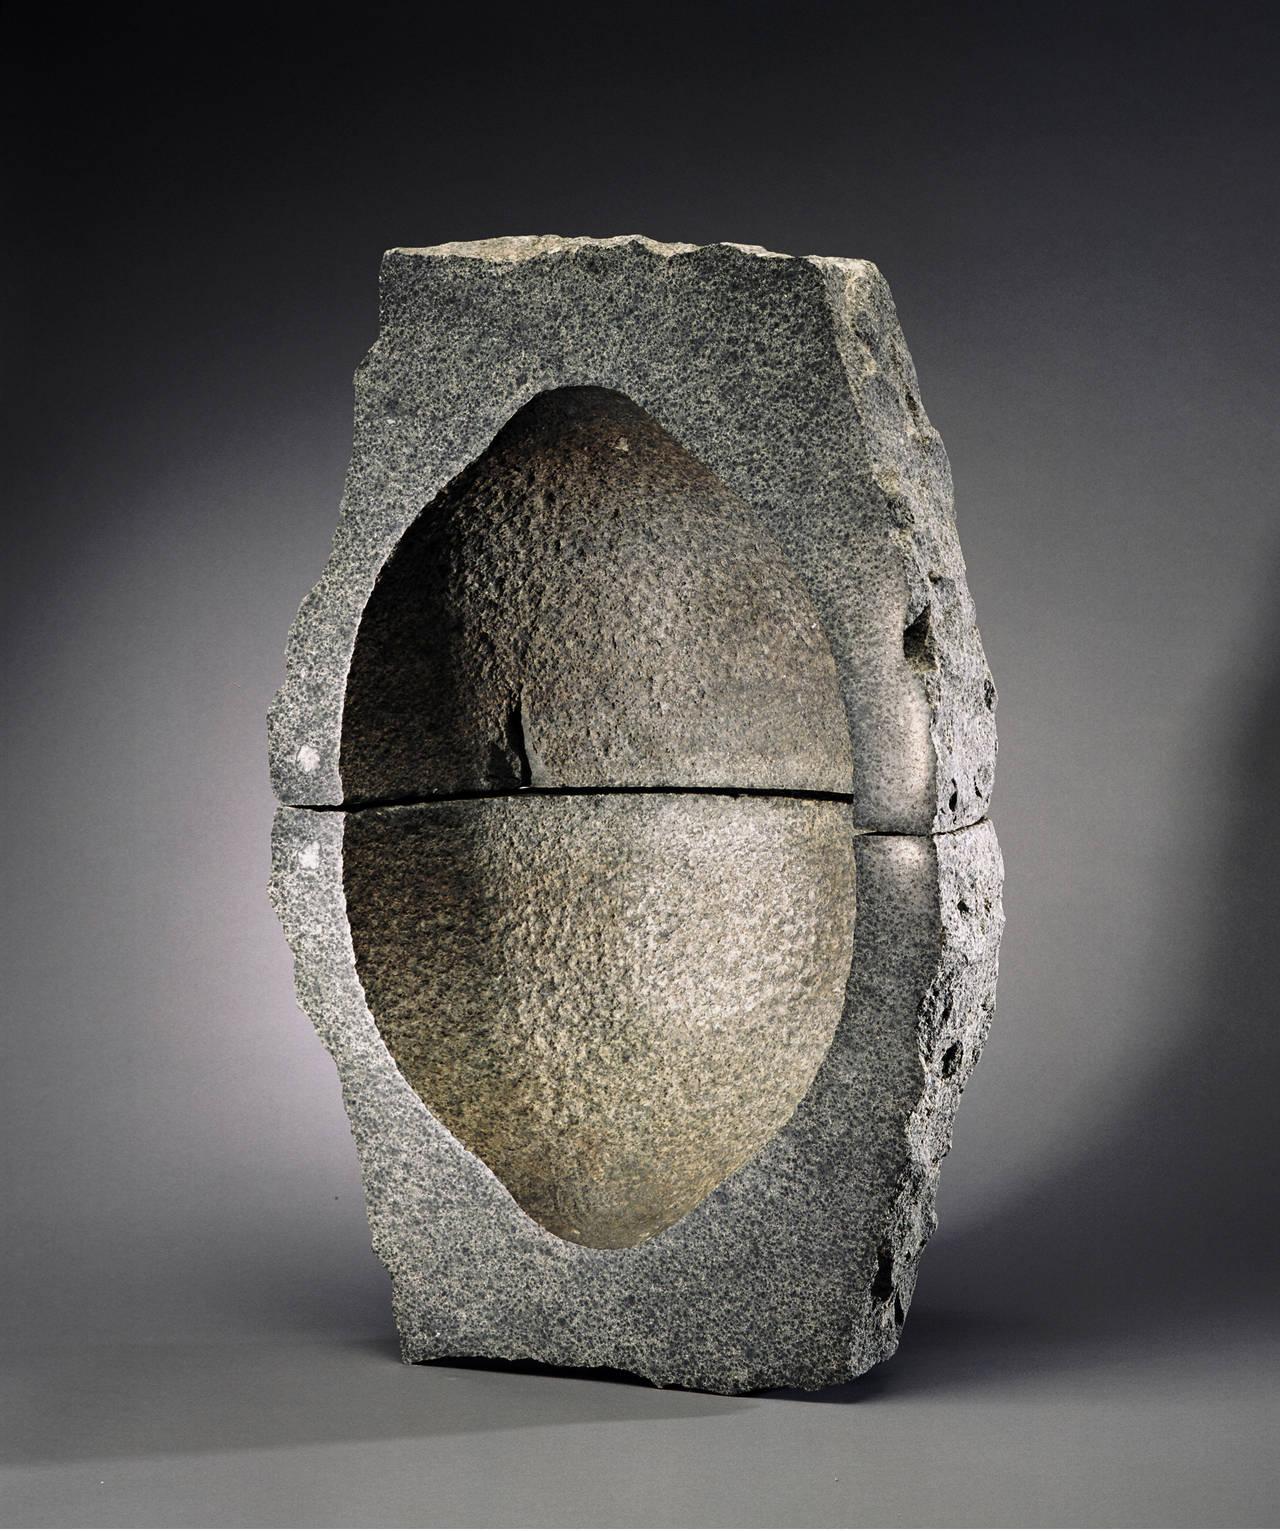 Richard Deutsch Abstract Sculpture - Pod